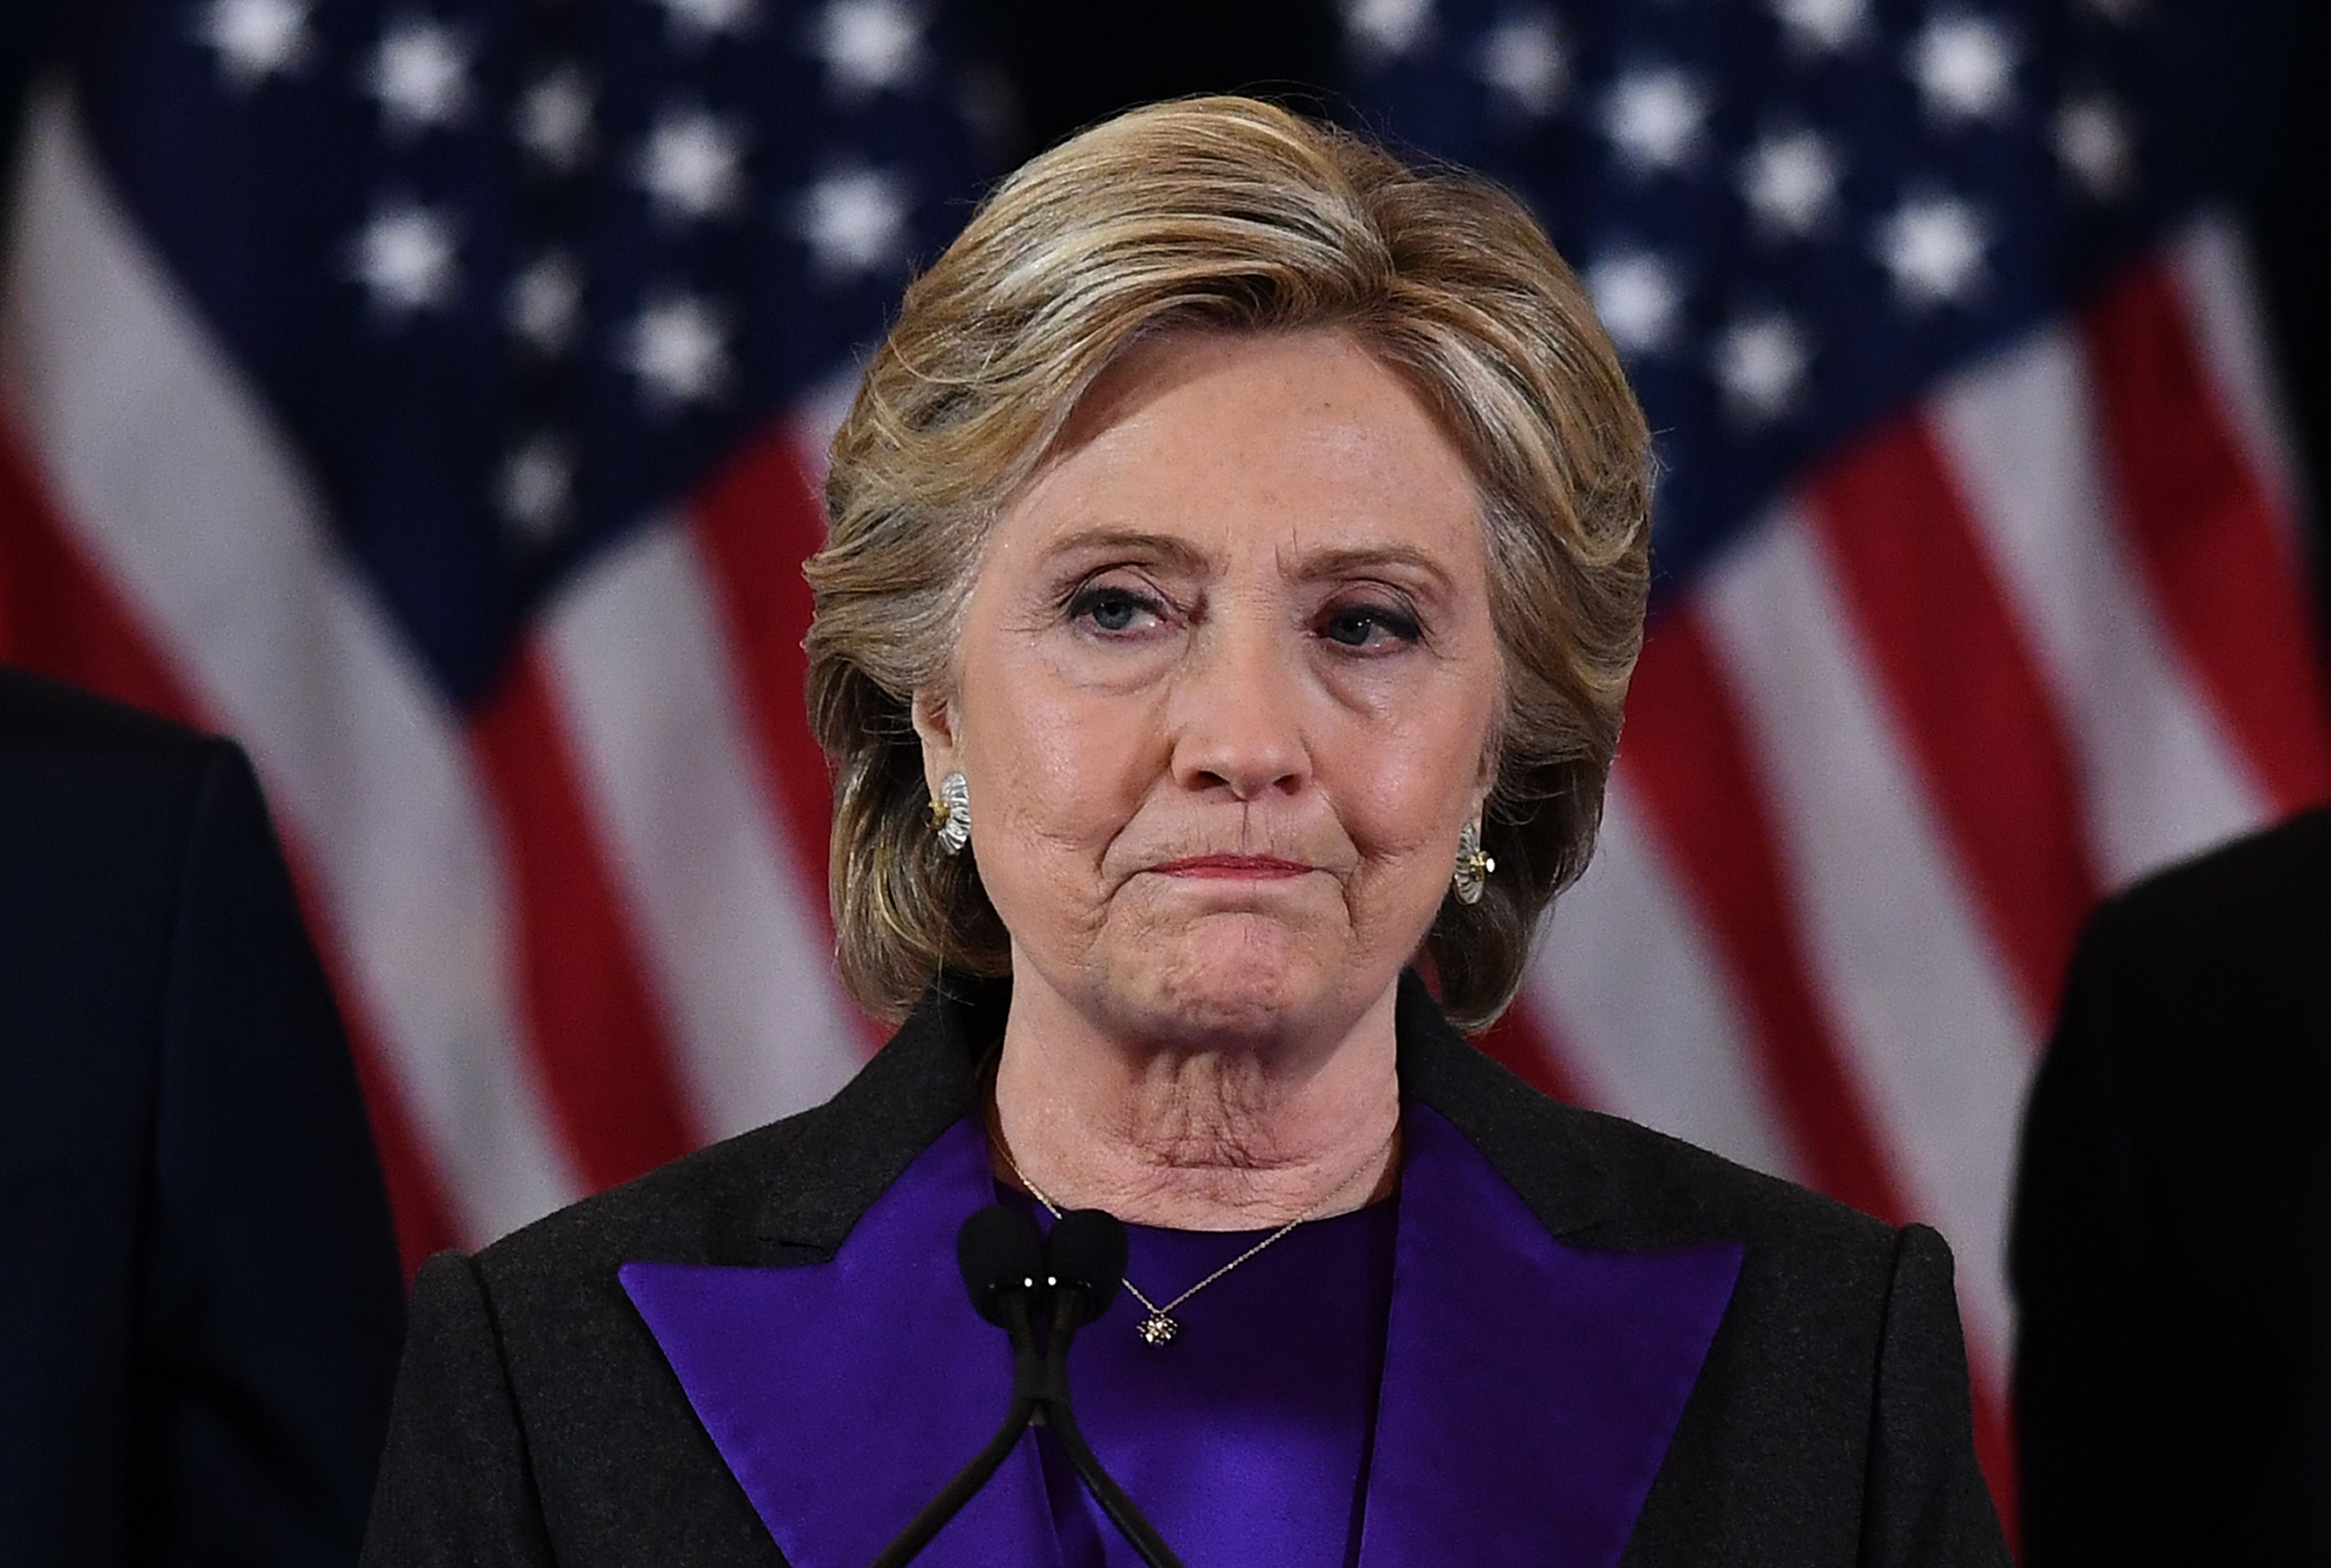 Ed eccoci a (ri)pensare se Hillary Clinton non si fosse mai sposata con Bill, e ora fosse Presidente